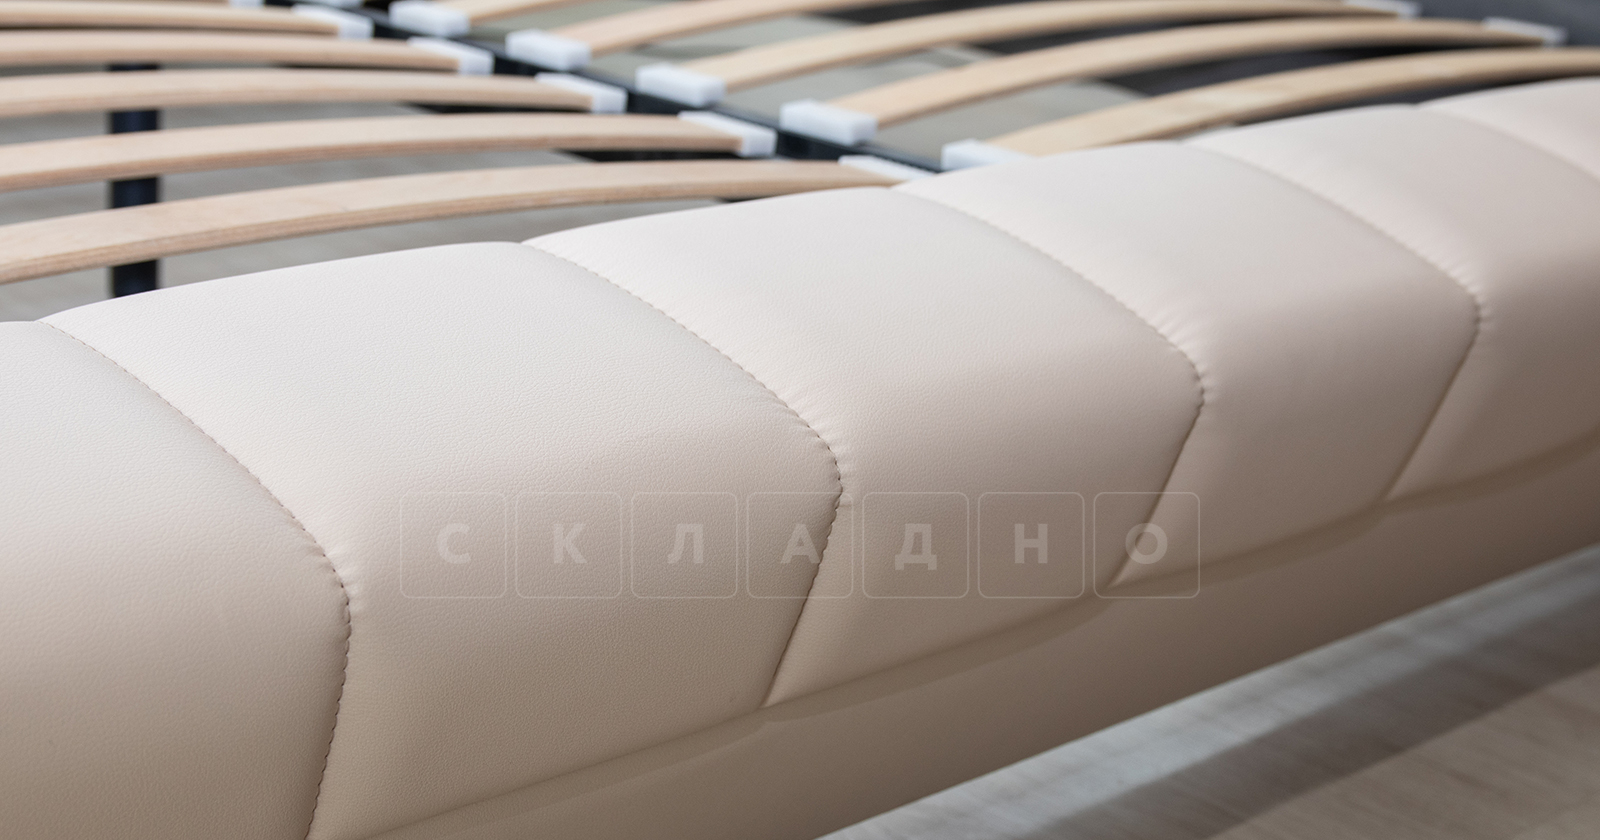 Мягкая кровать Оливия 160 см экокожа бежевый фото 9 | интернет-магазин Складно